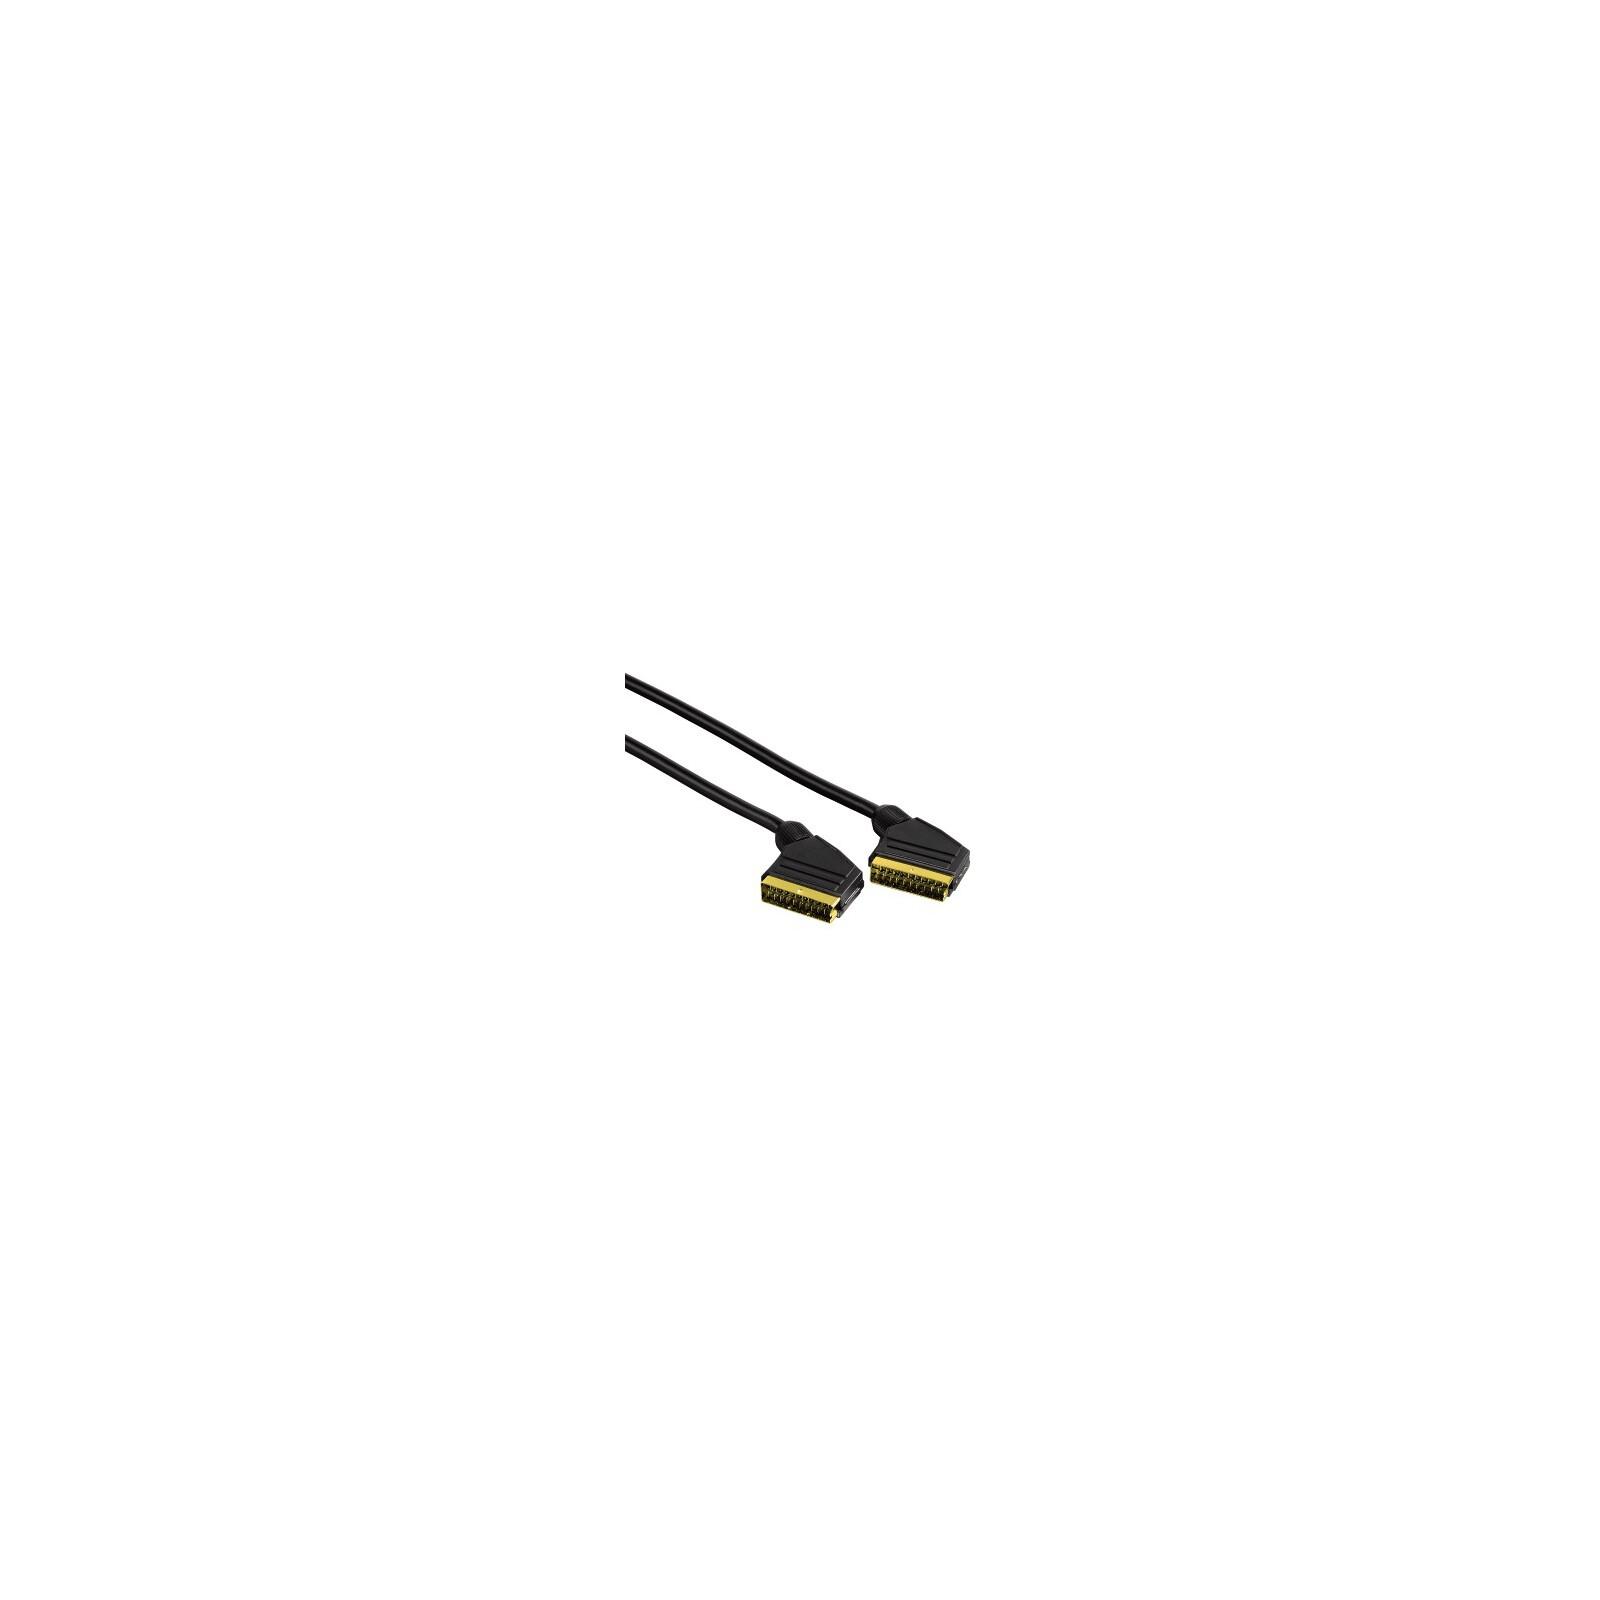 Hama 11945 Scart-Verbindungskabel Stecker - Stecker 3 m